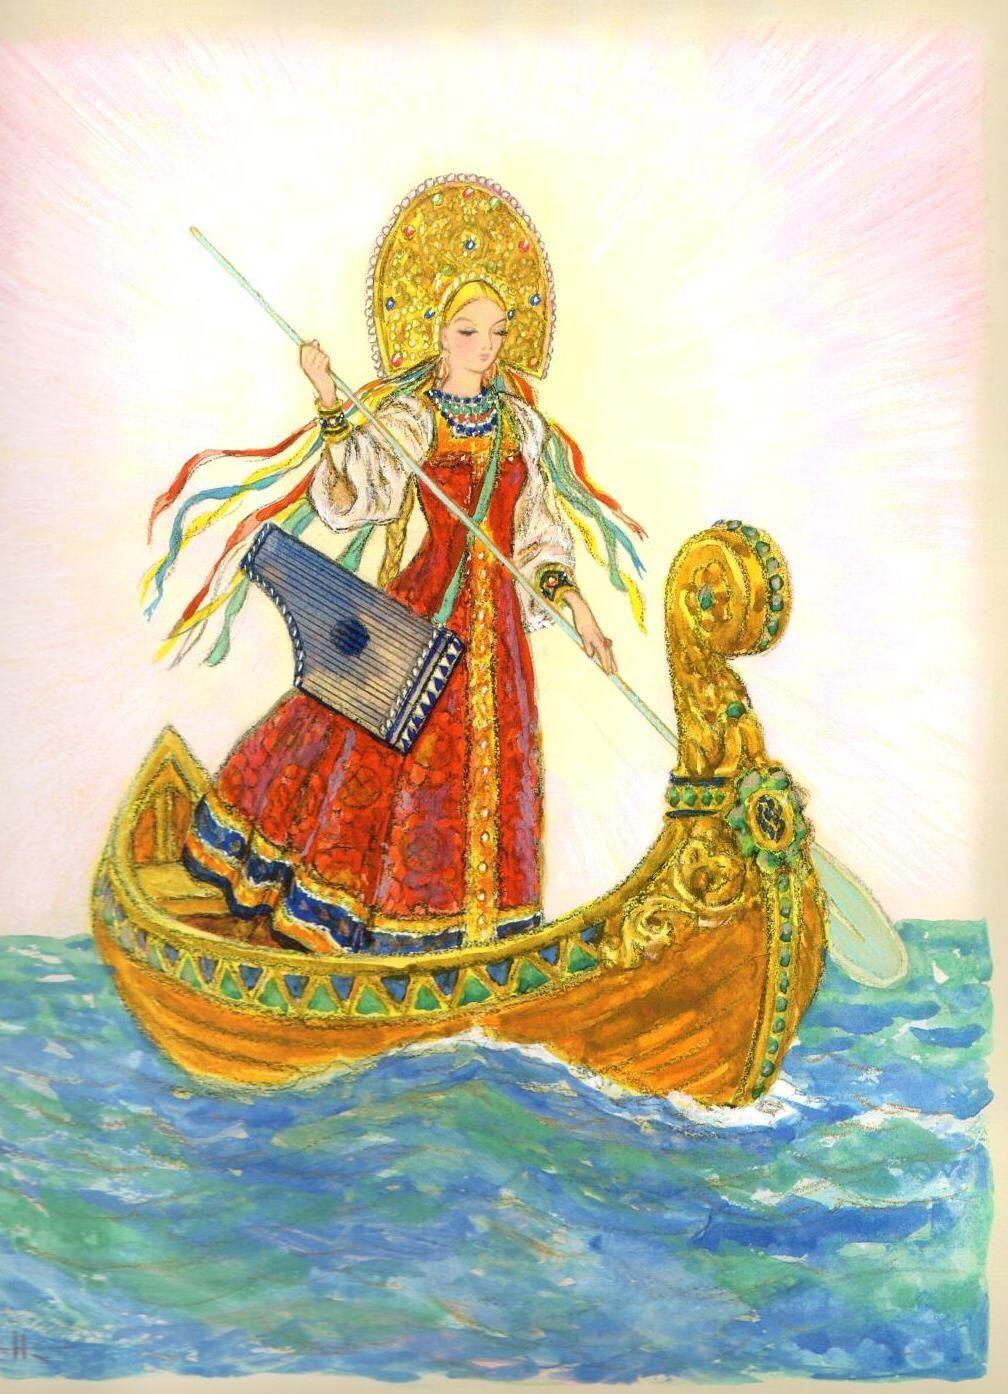 Царь девица русская народная сказка для детей